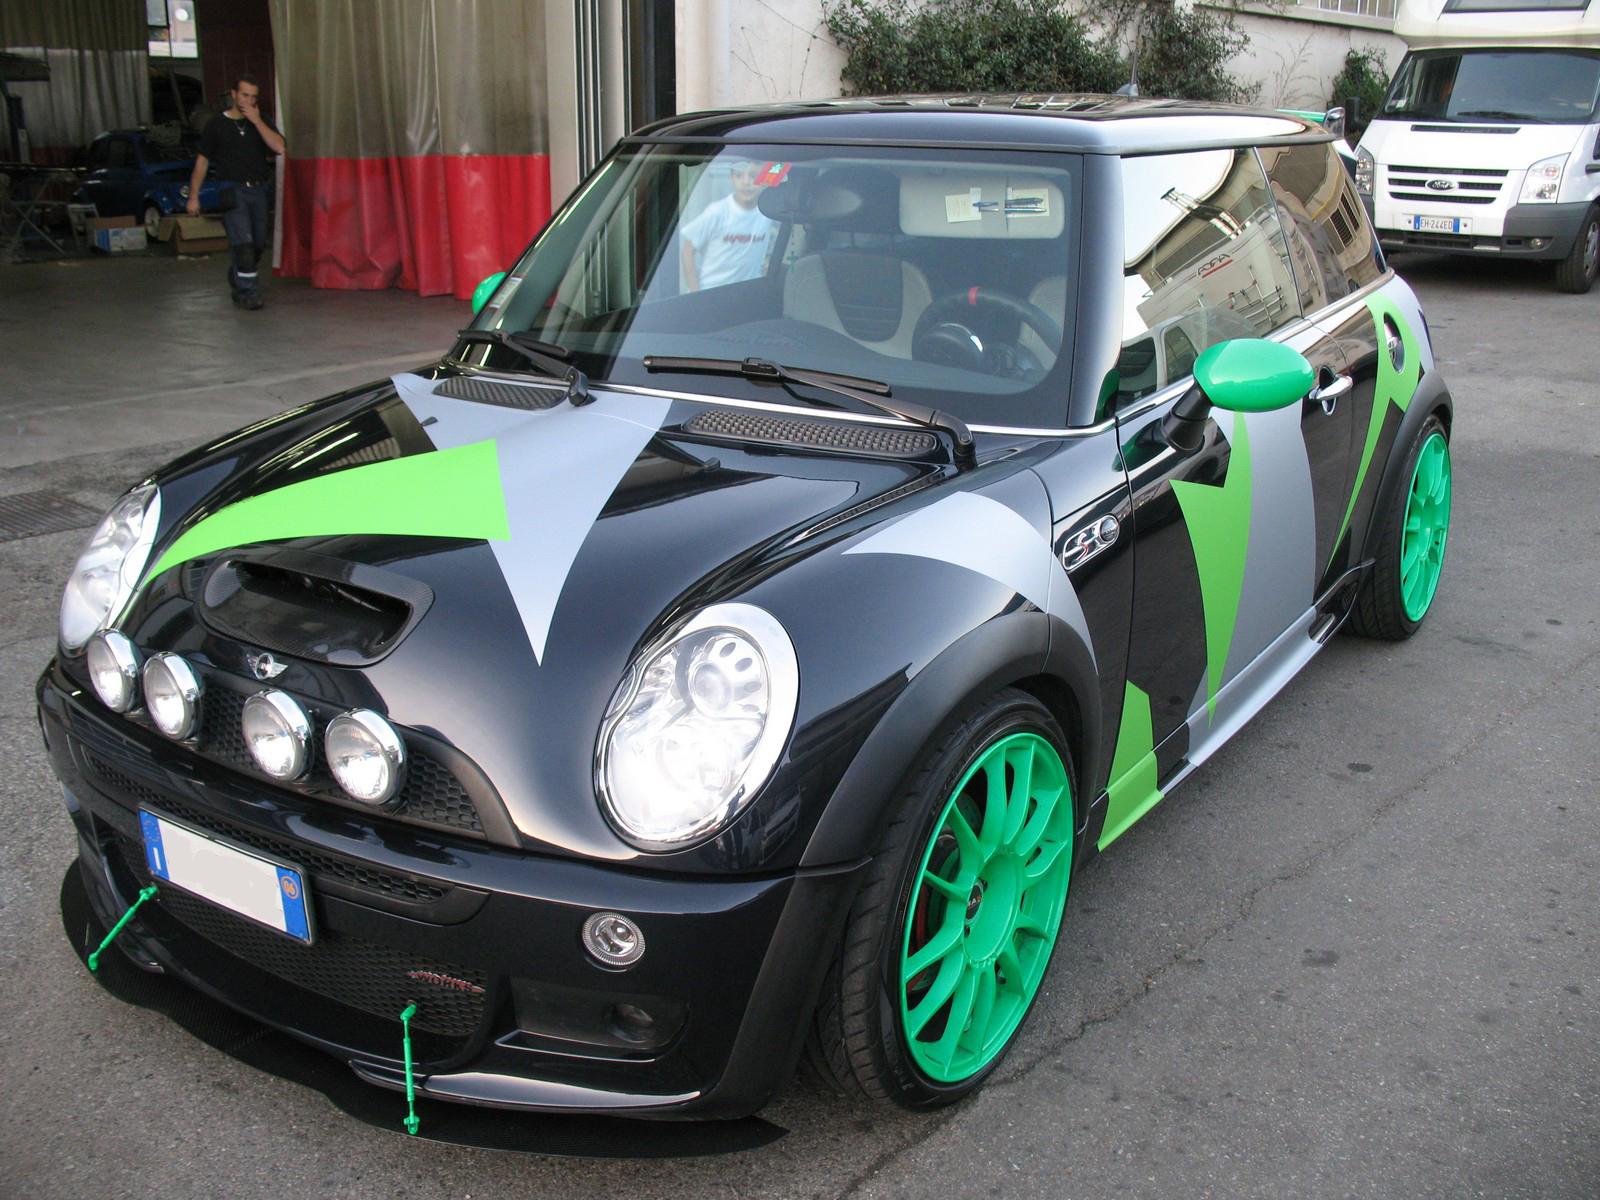 http://www.carrozzeriavalceresio.it/carrozzeria/wp-content/gallery/preparazione-macchine-da-corsa-by-carrozzeria-valceresio-arcisate-varese/2014-10-17-18.12.01.jpg